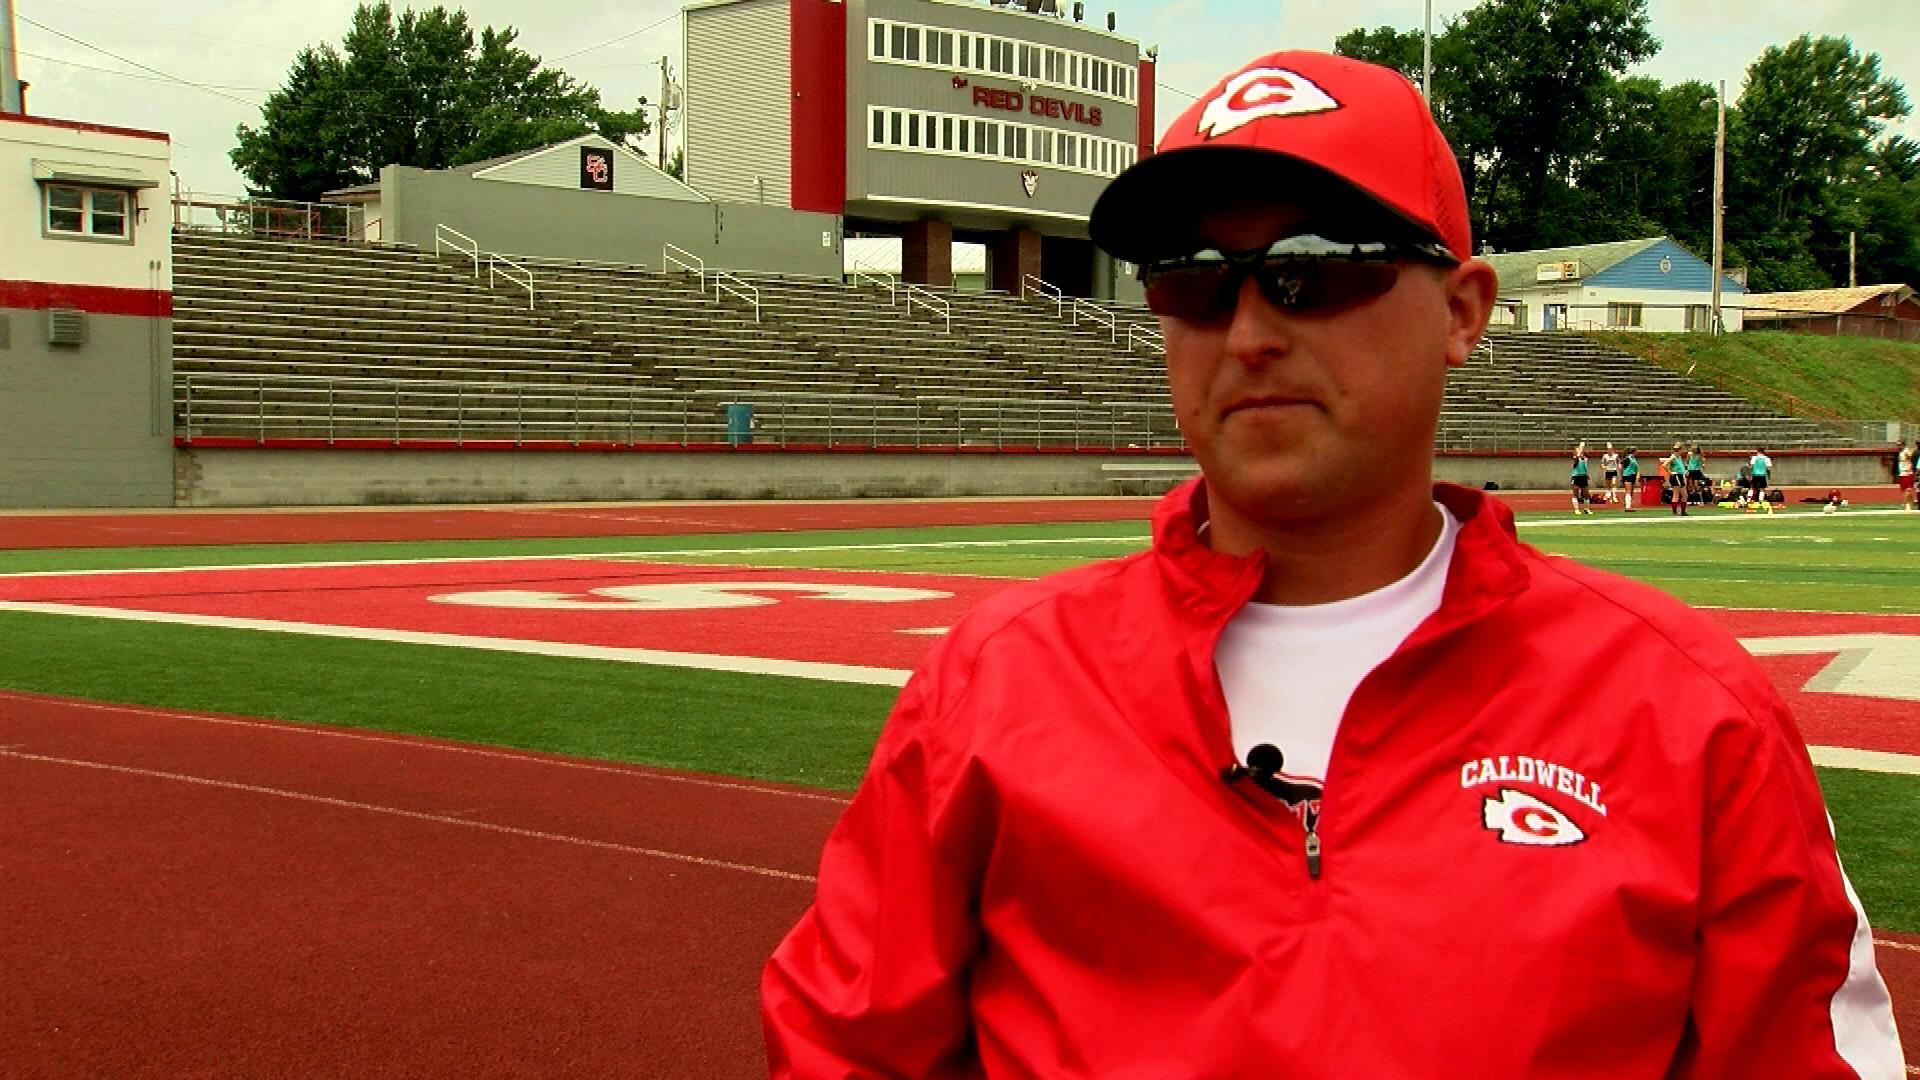 Coach Grant Gaydos